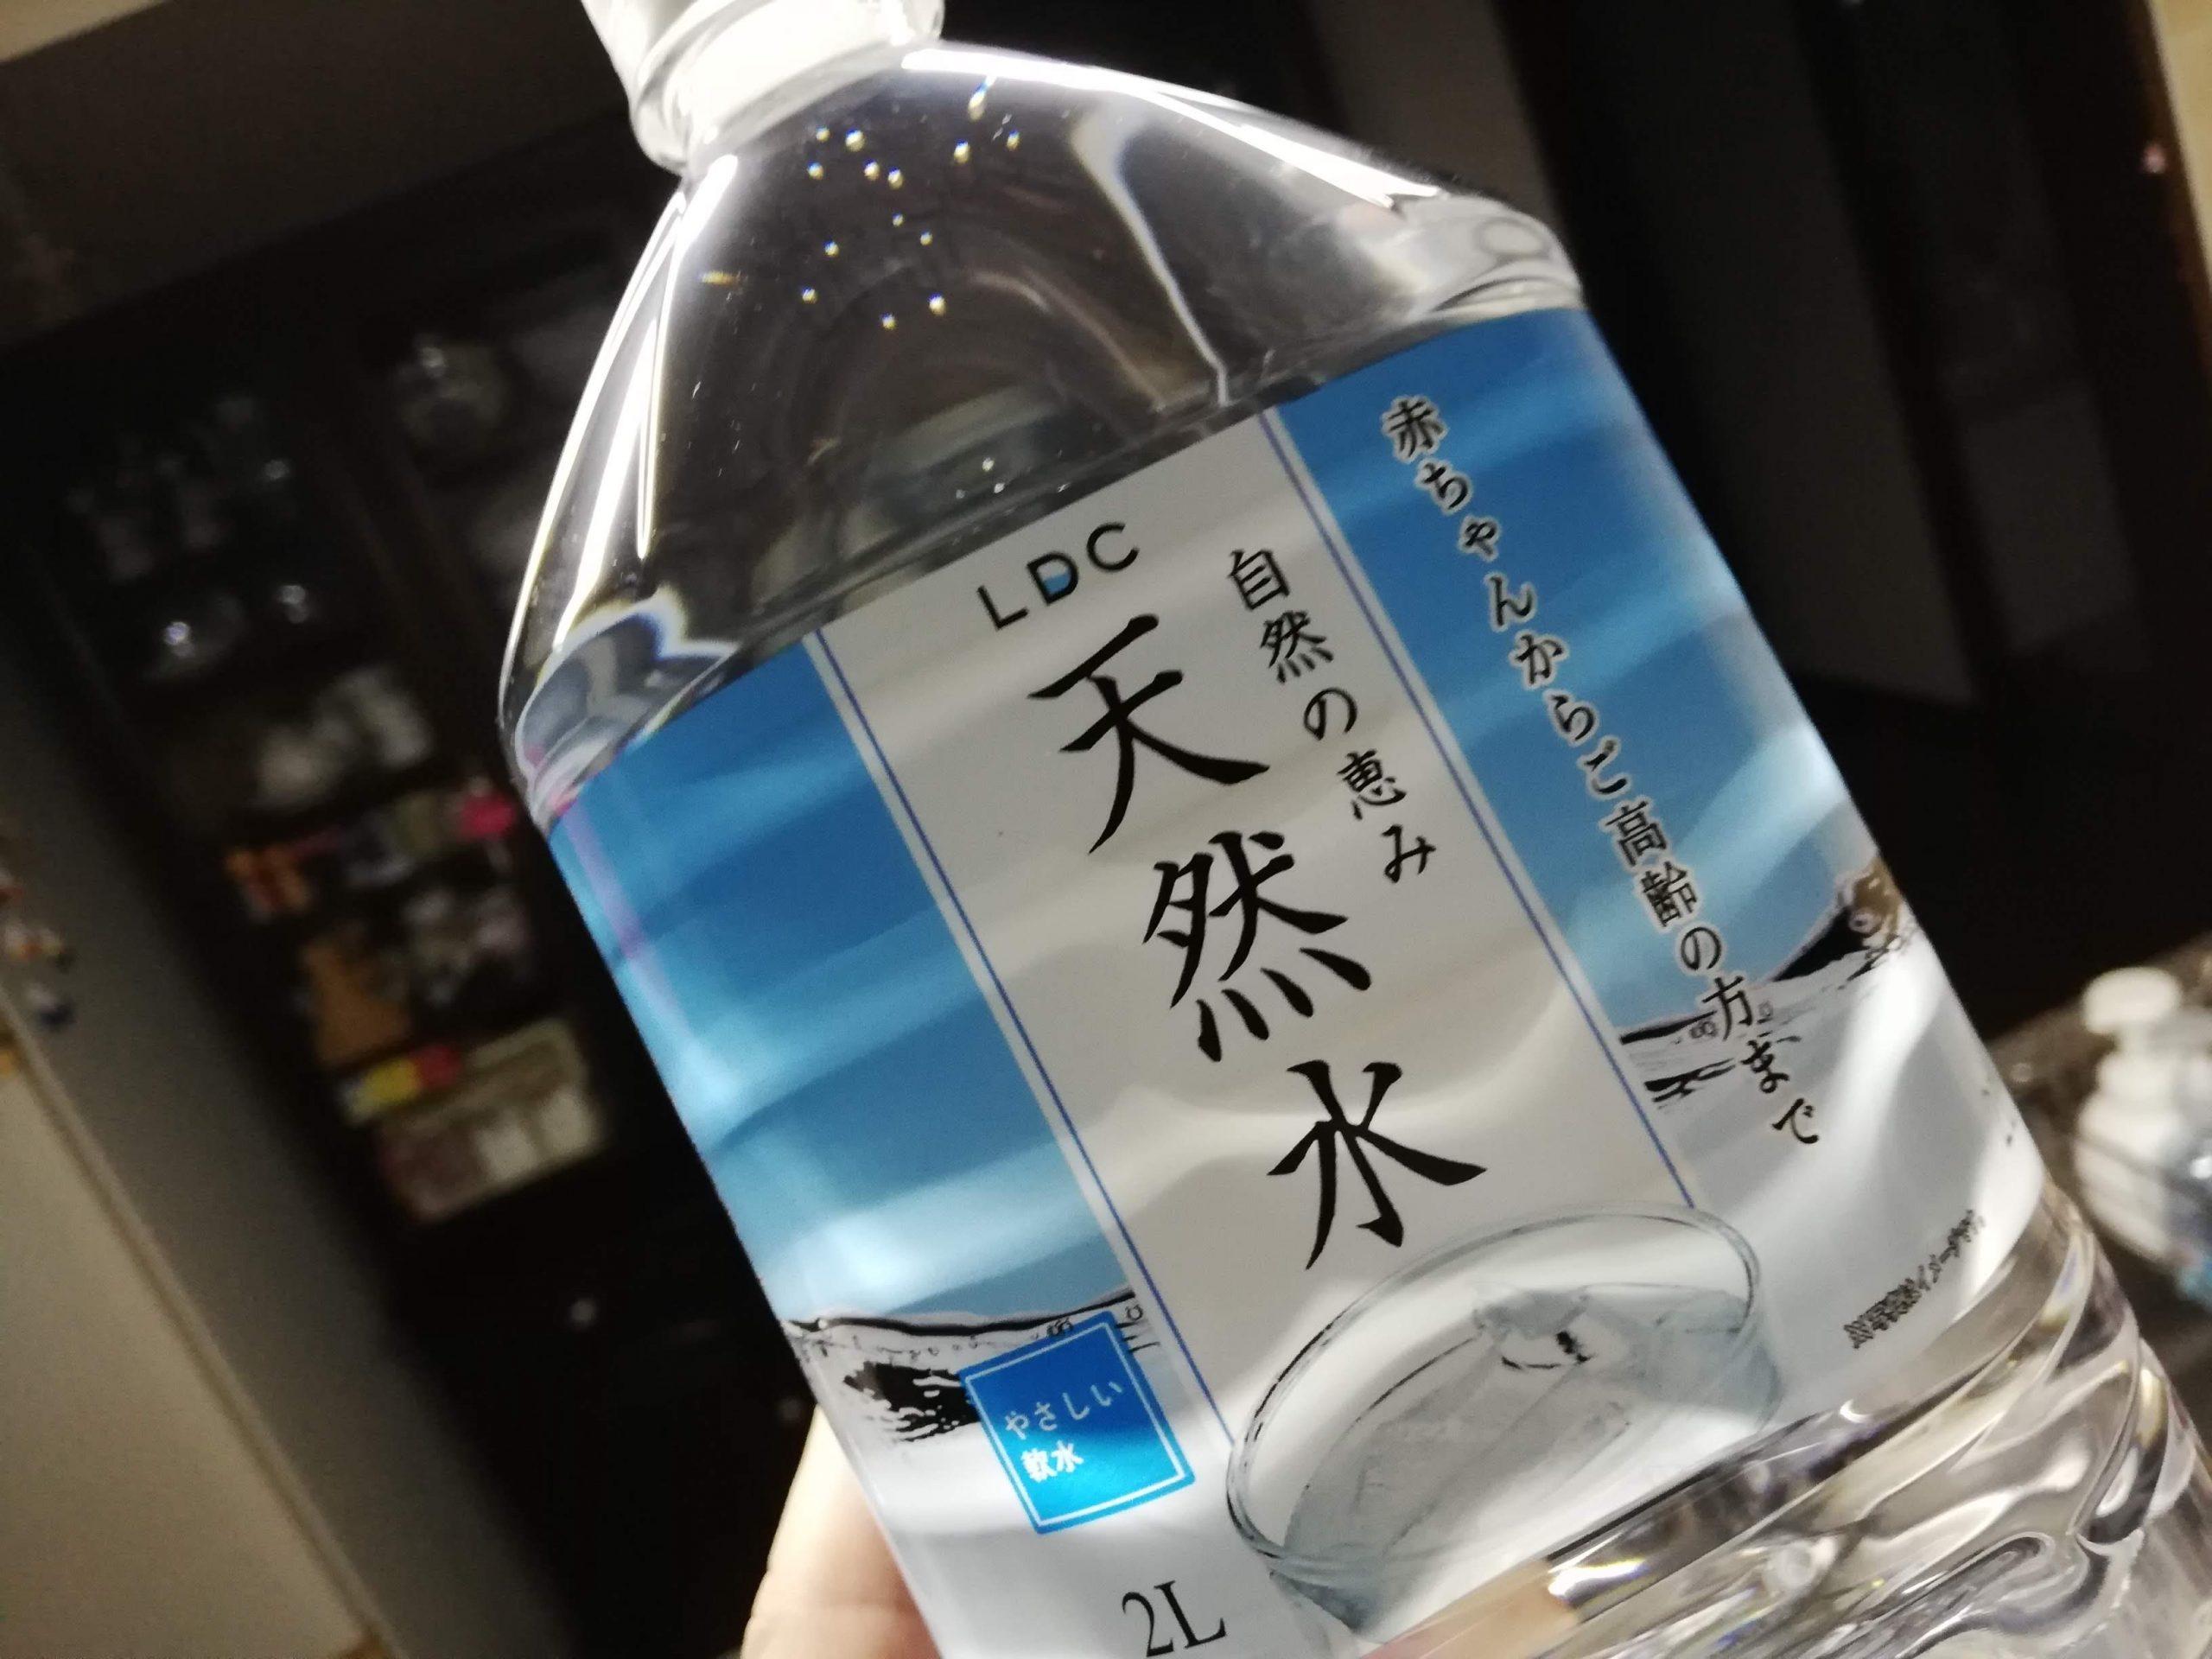 台風の備えで水を買うのにマイナポイントを使ってみた。